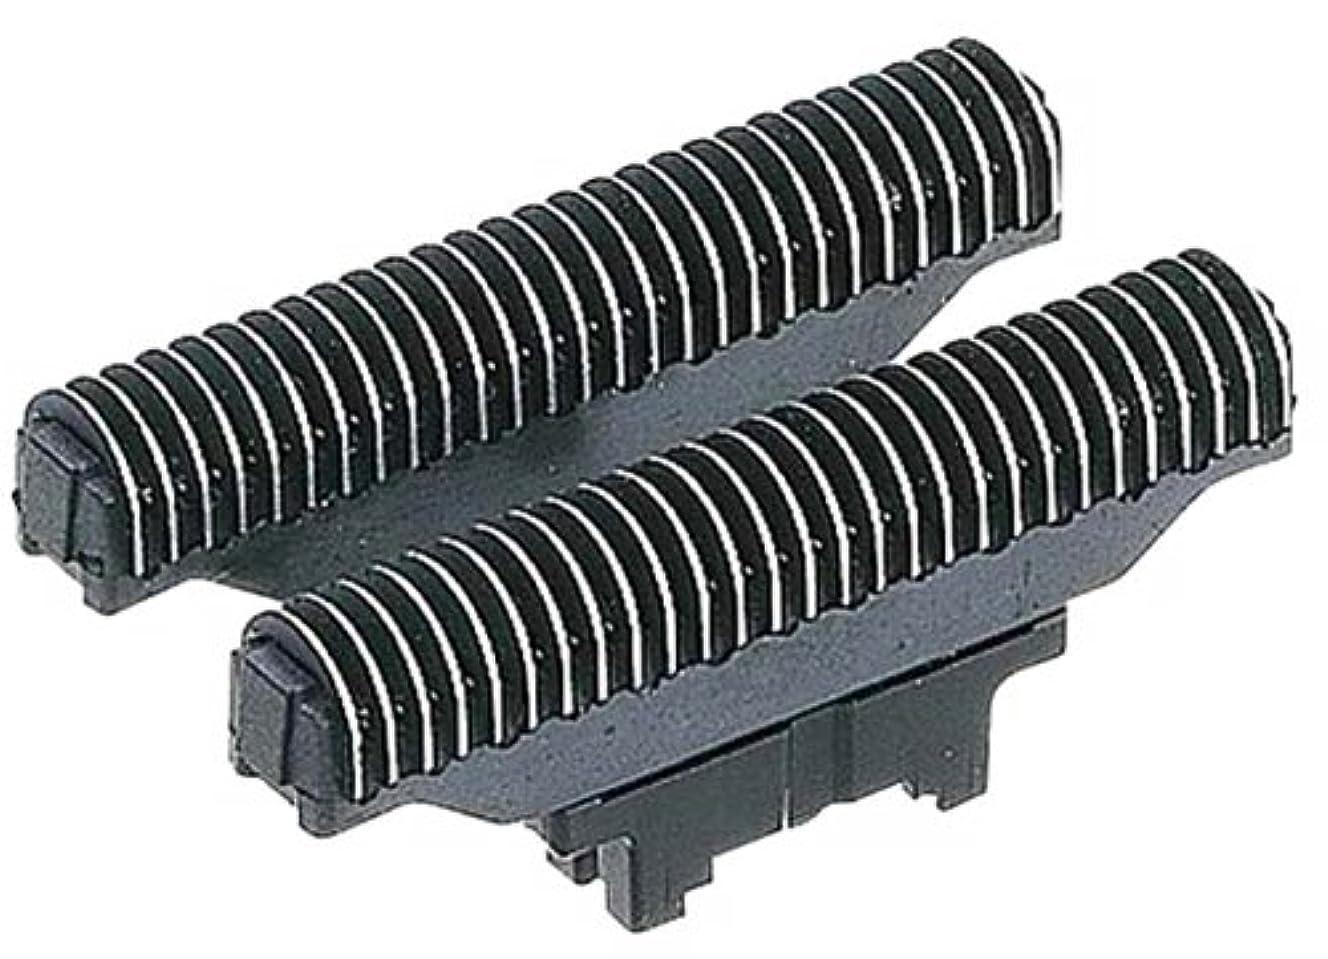 徹底的にレオナルドダマーティンルーサーキングジュニアパナソニック 替刃 メンズシェーバー用 ES9080